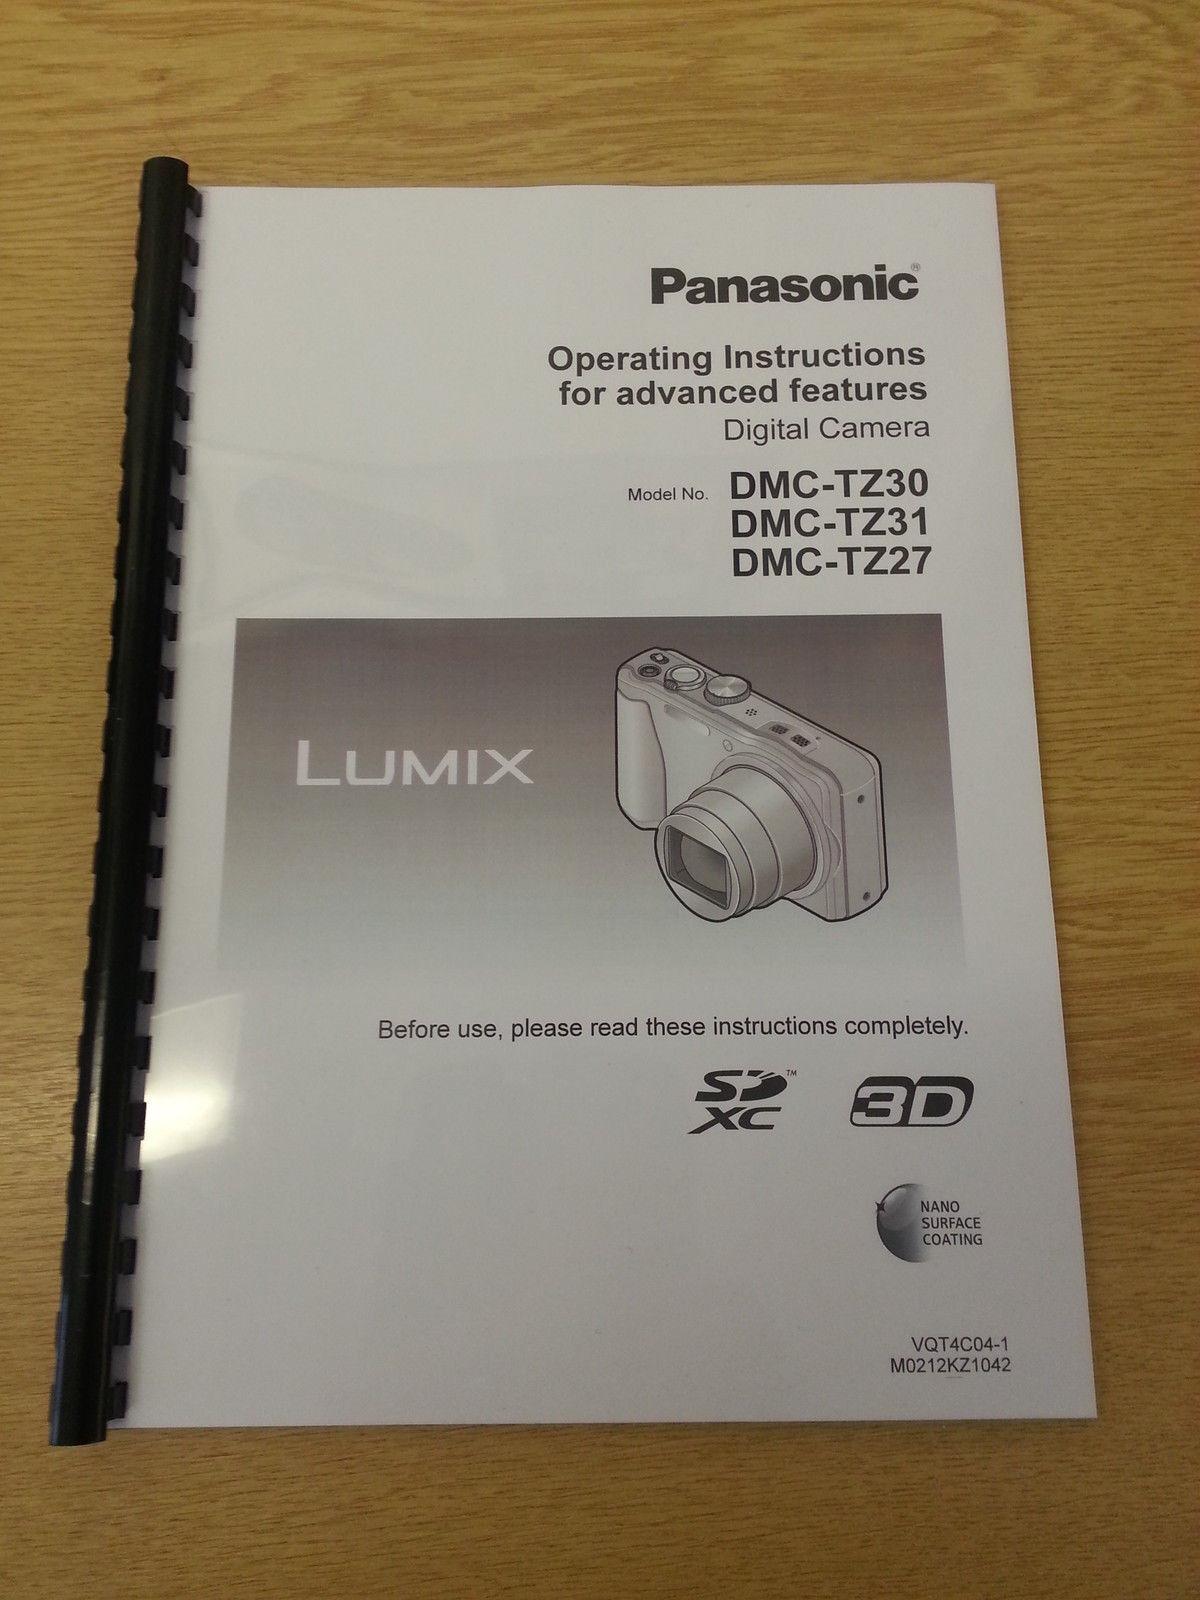 Panasonic lumix dmc-tz27 / tz30 / tz31 / zs19 / zs20 / leica v-lux.